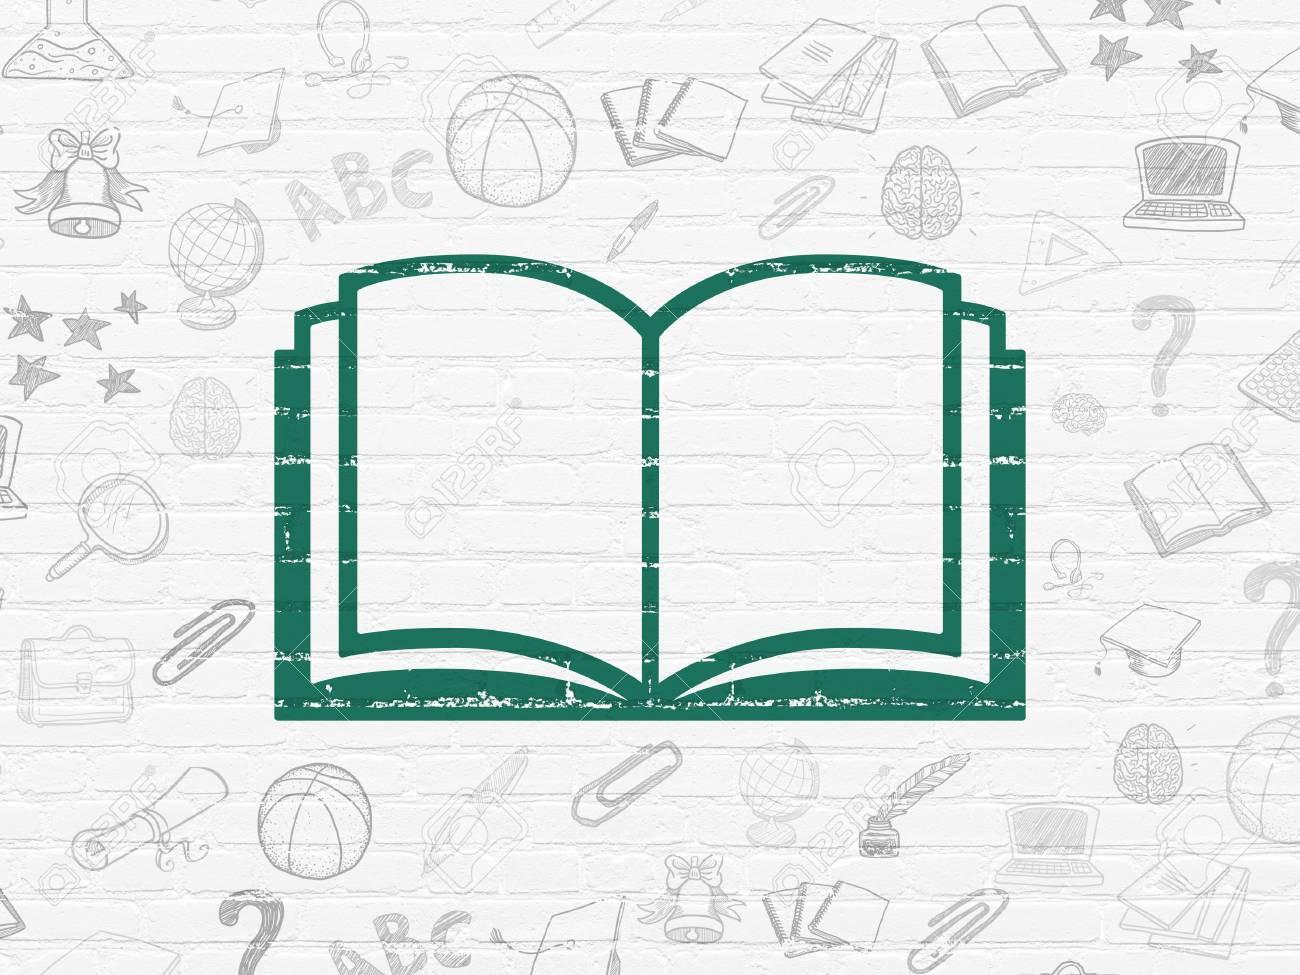 Education Concept Peint En Vert Icone Du Livre Blanc Sur Le Mur De Briques De Fond Avec Des Icones Education Tire Par La Main De Rendu 3d